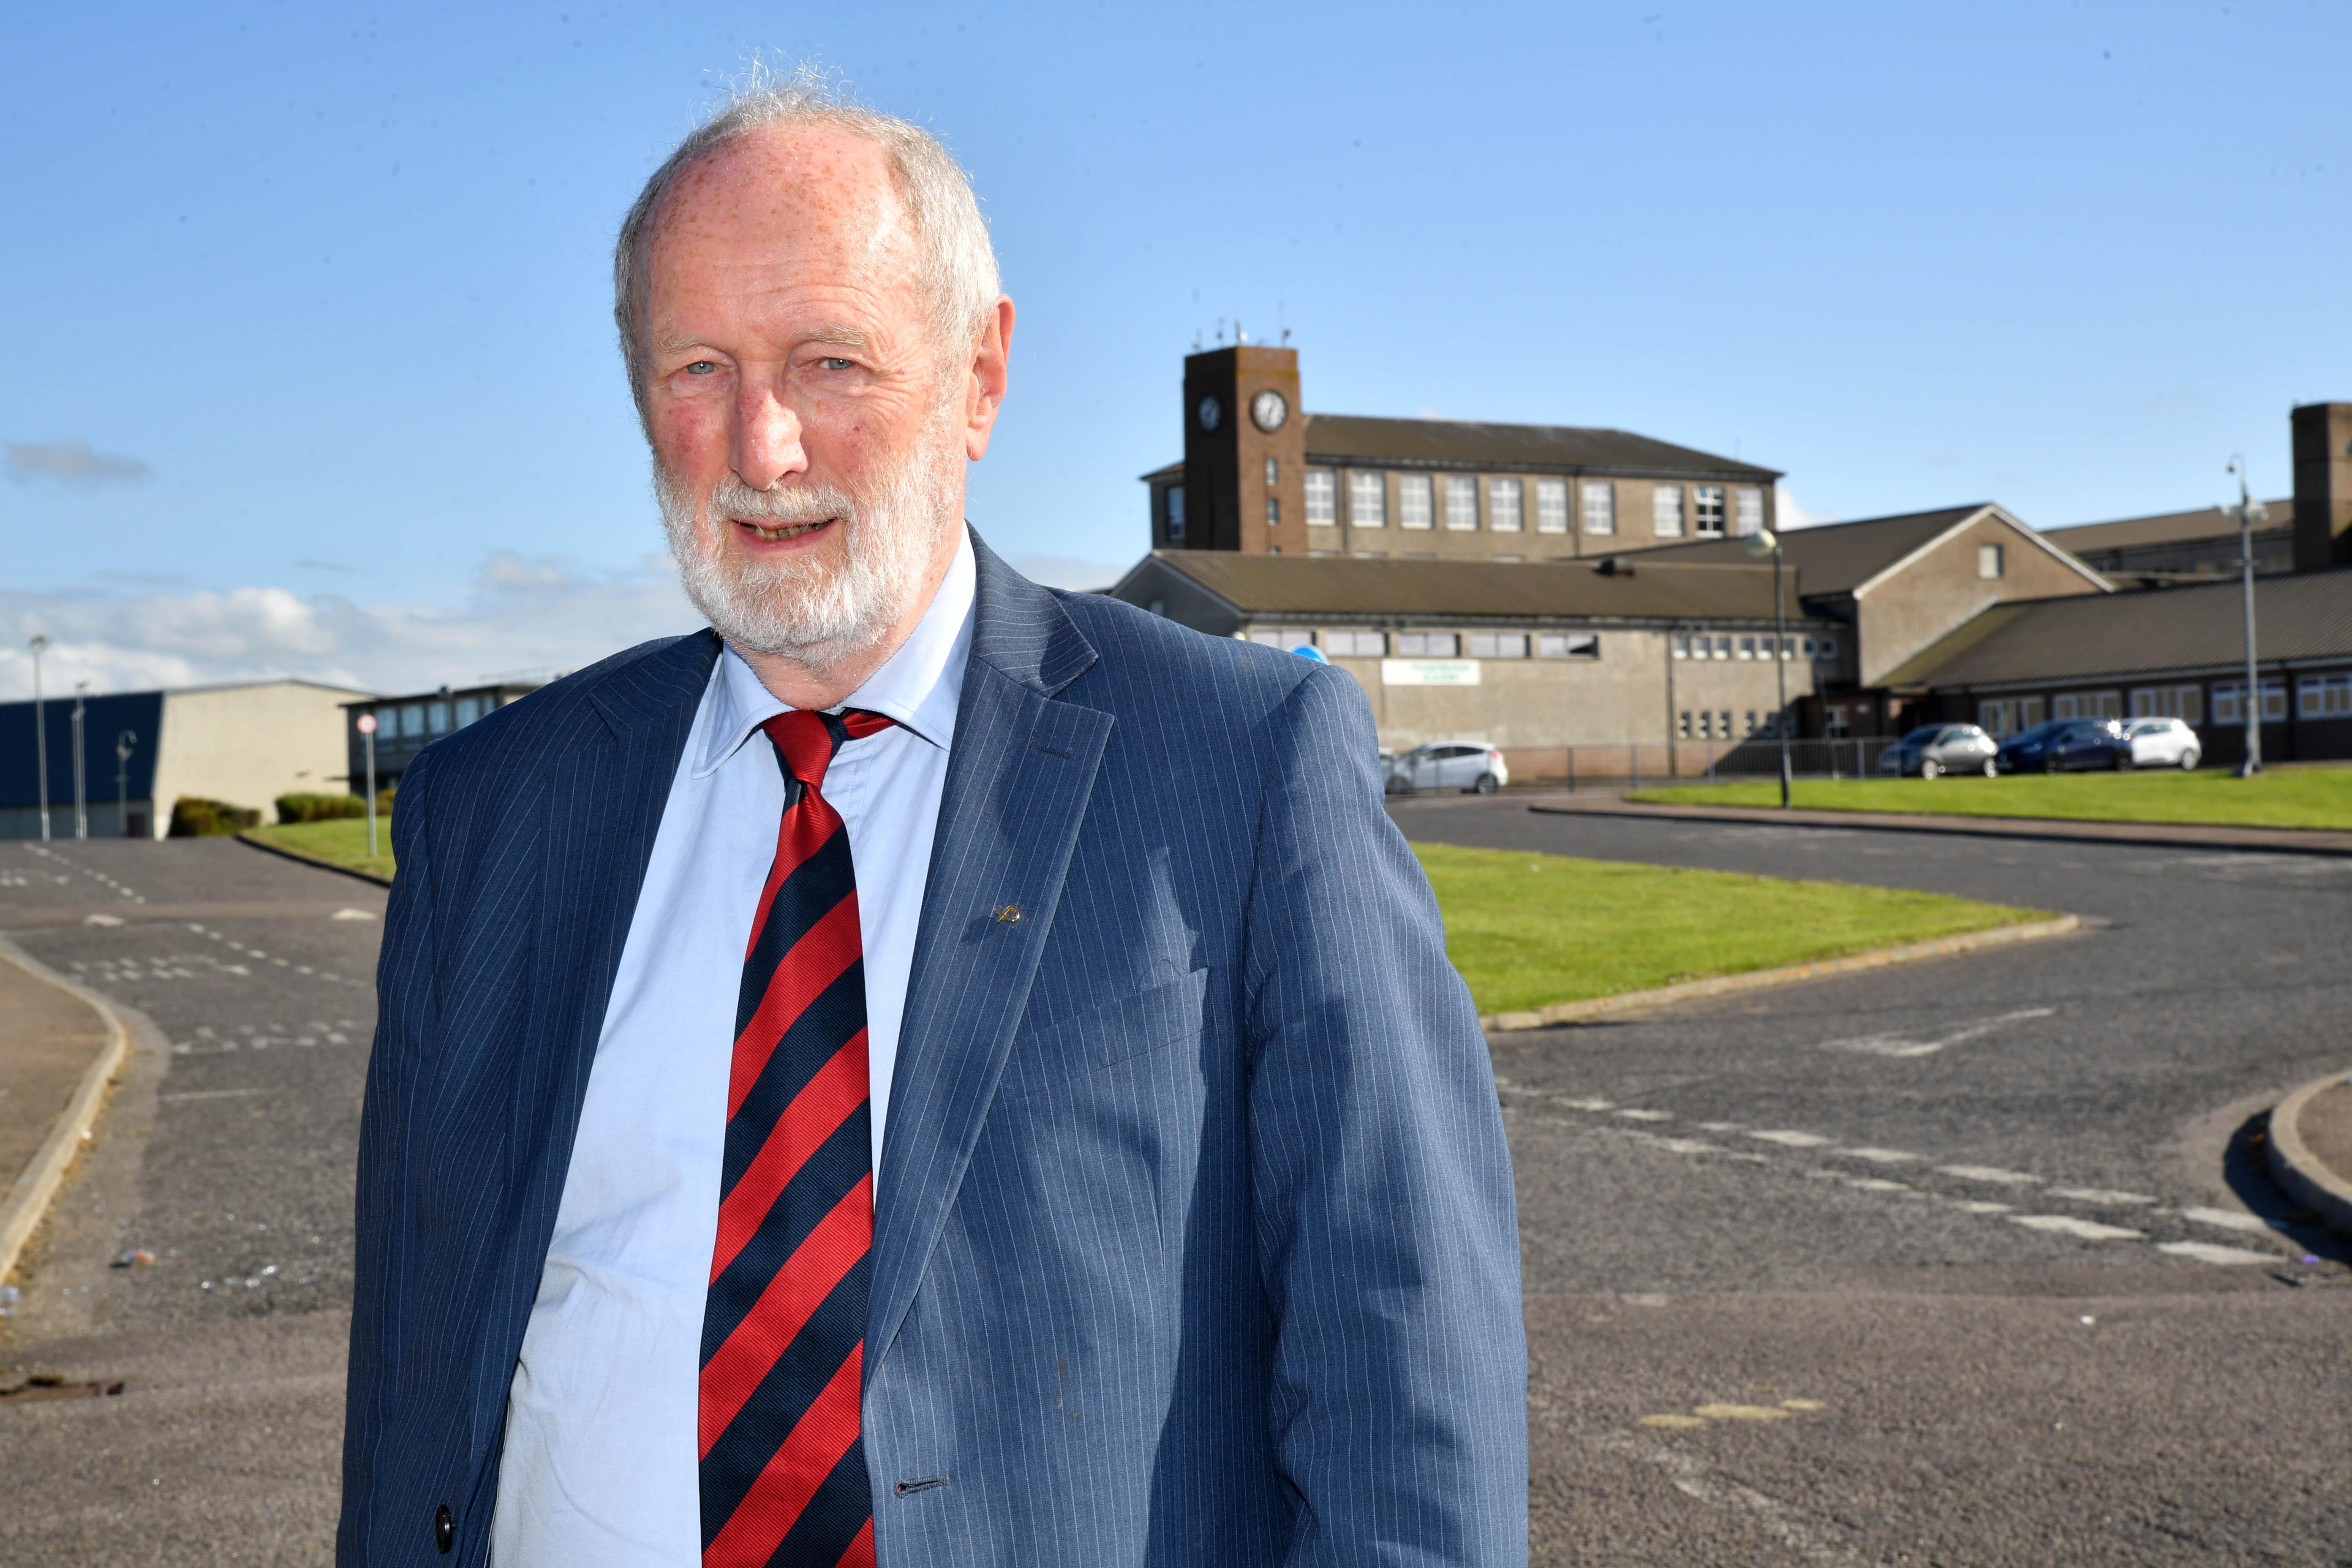 Councillor Charles Buchan at Fraserburgh Academy.